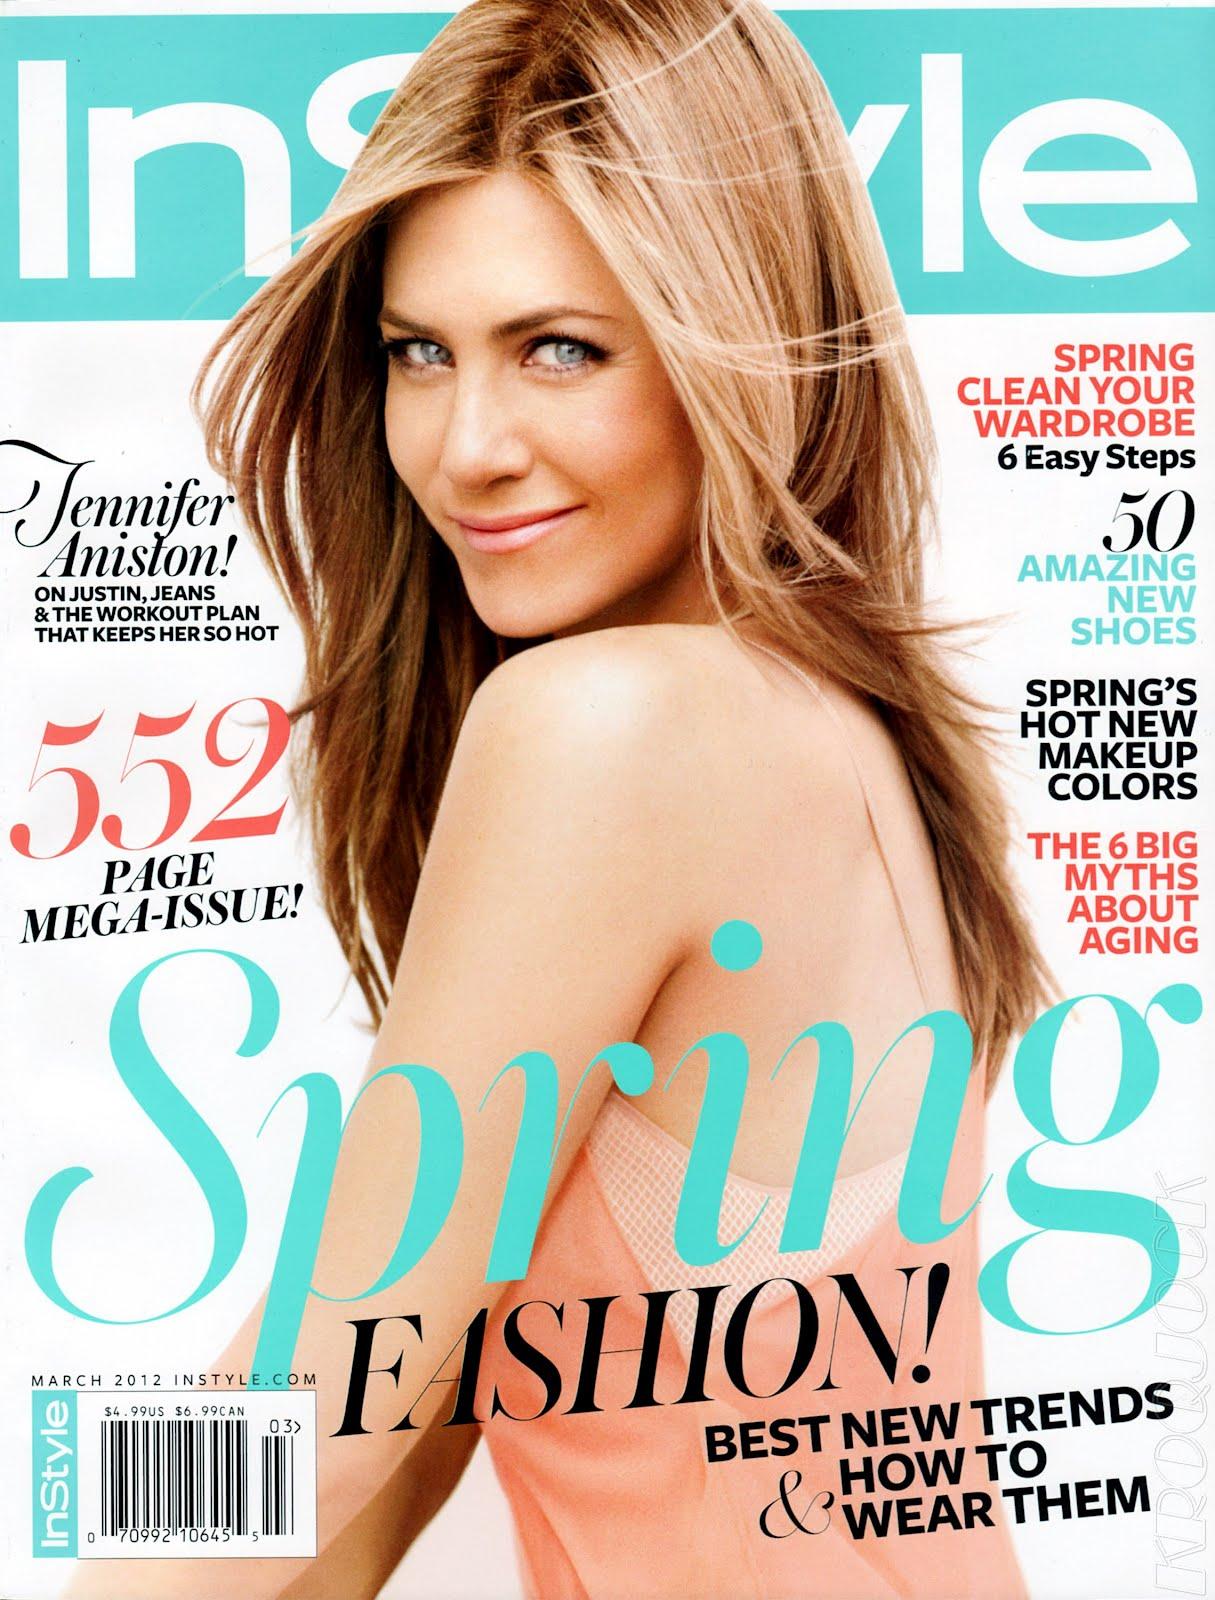 http://4.bp.blogspot.com/-4PWBnu1mcVk/TzSgxAOB0PI/AAAAAAAAFJQ/abCDewbKPzc/s1600/Celebutopia_NET.Jennifer_Aniston.INSTYLE_USA.March_2012.Scanned_by_KROQJOCK.HQ_.1.jpg